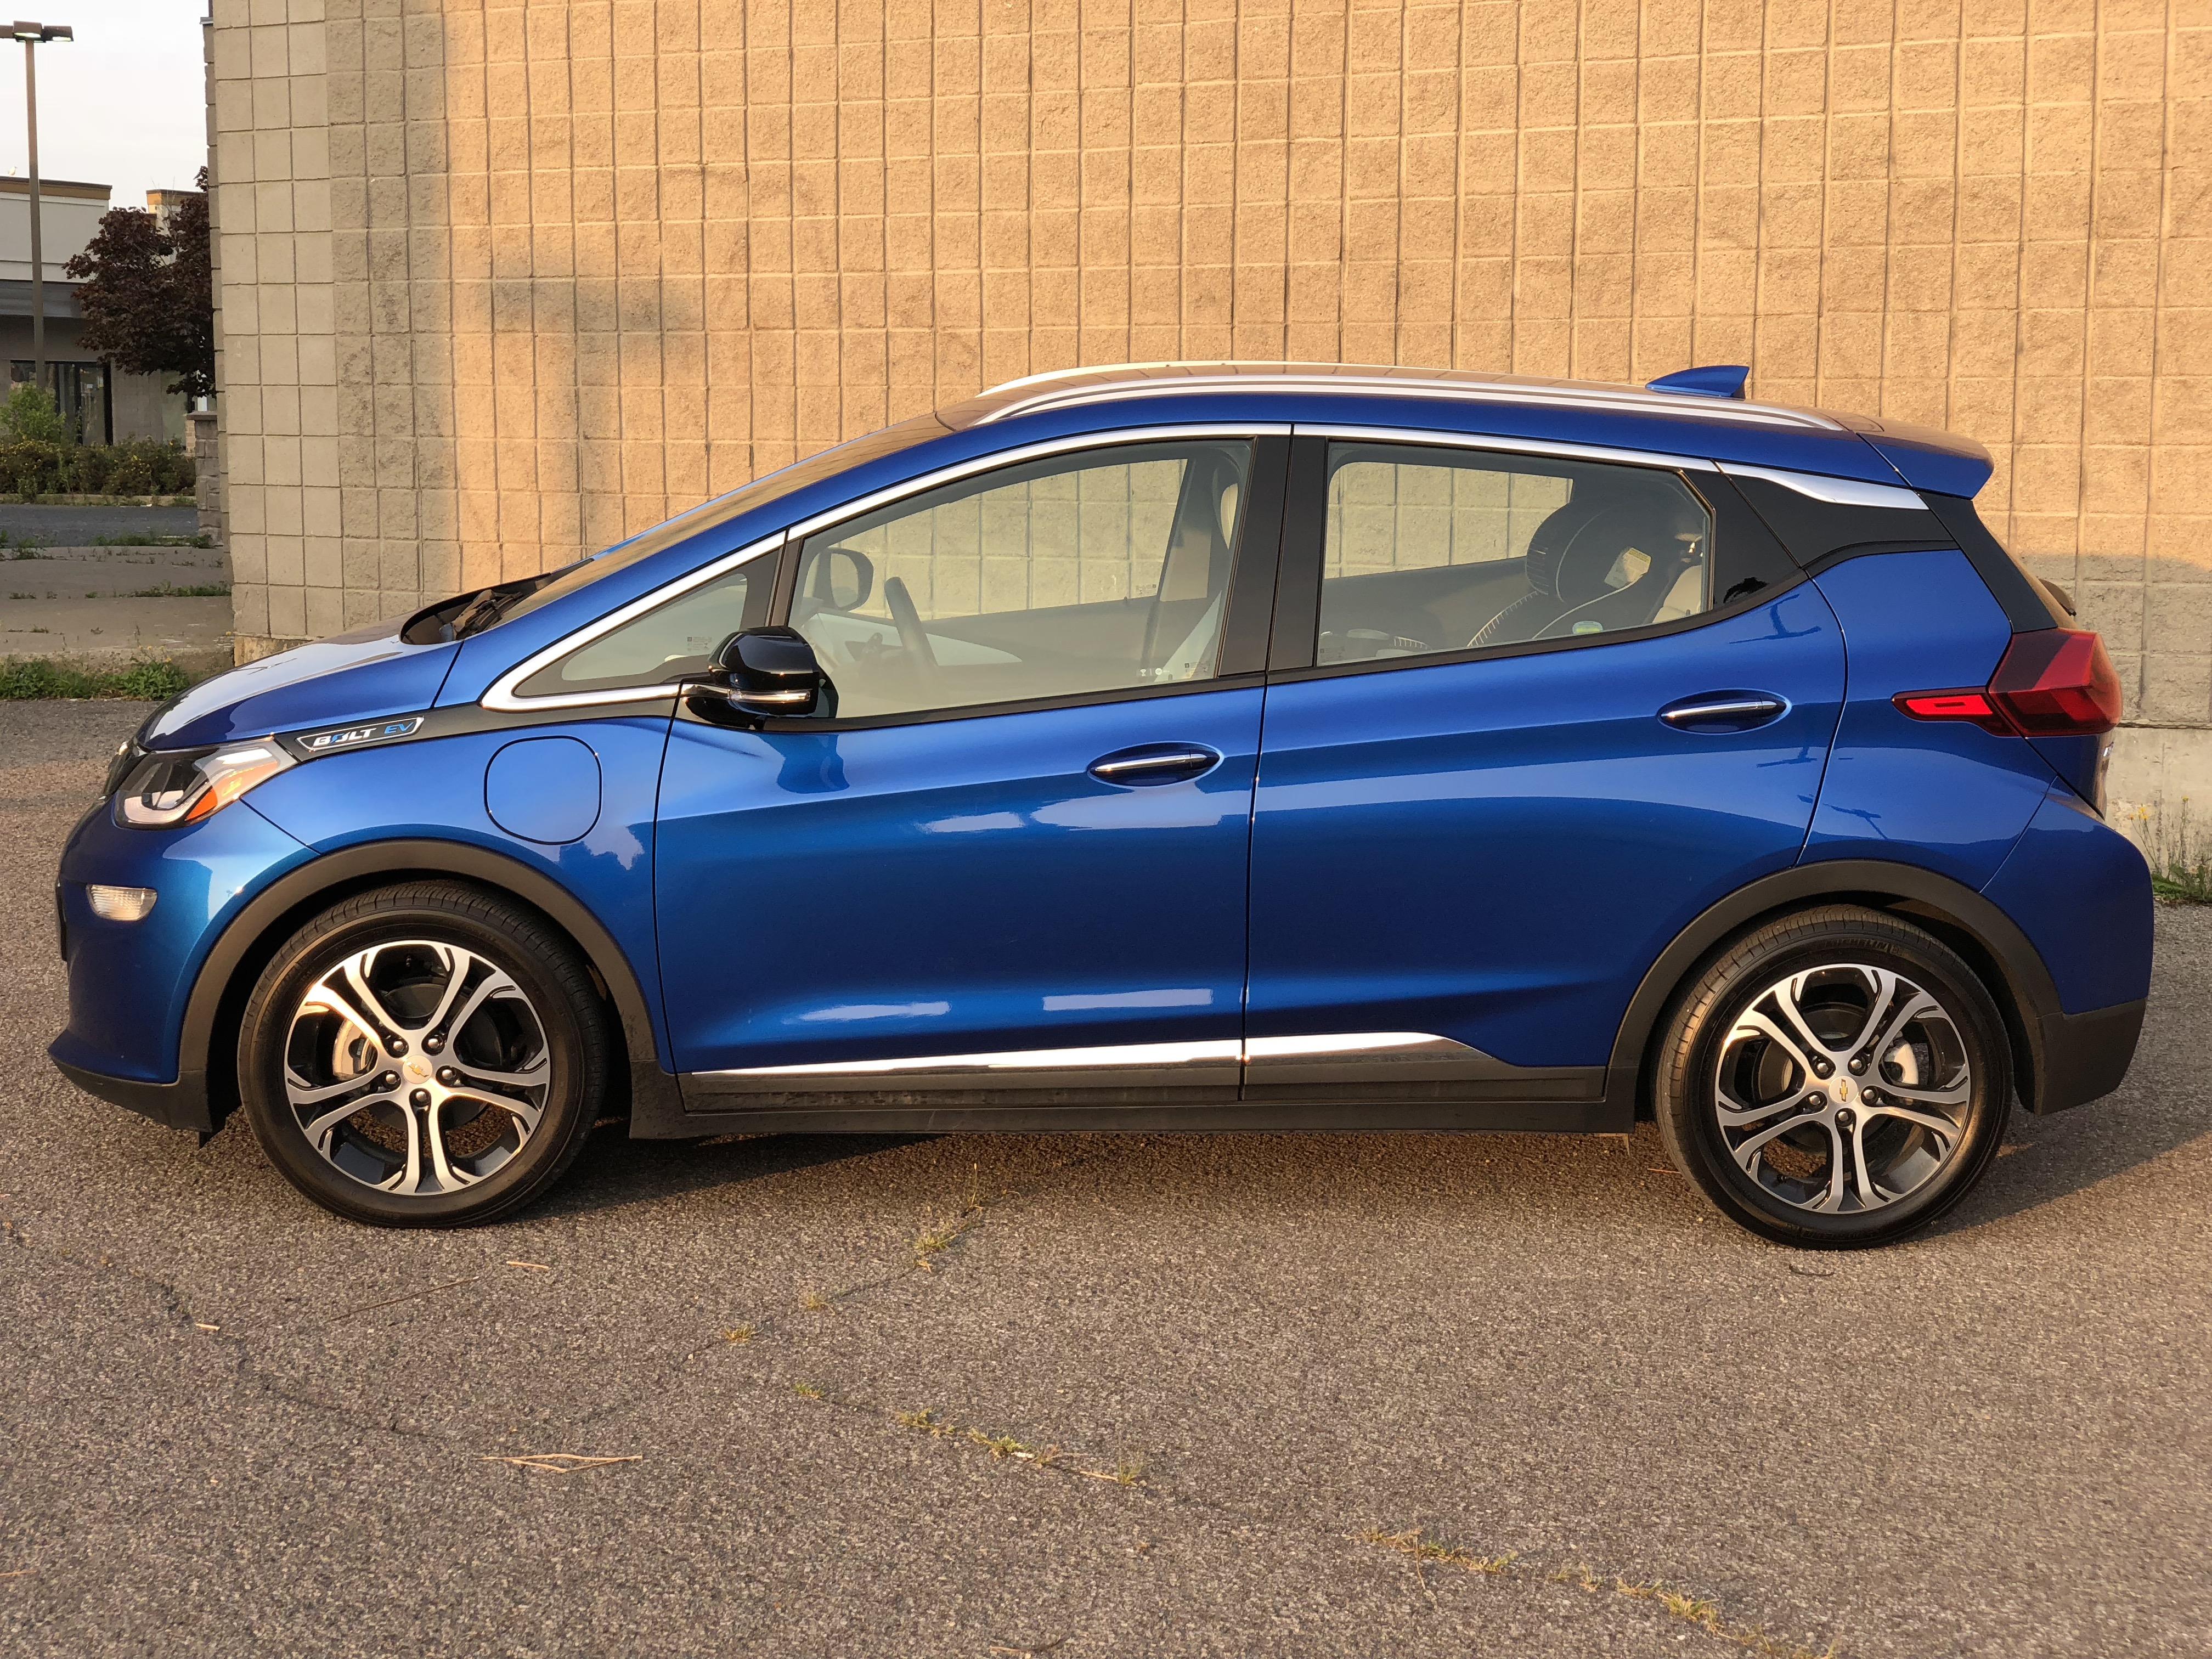 2018 Chevrolet Bolt